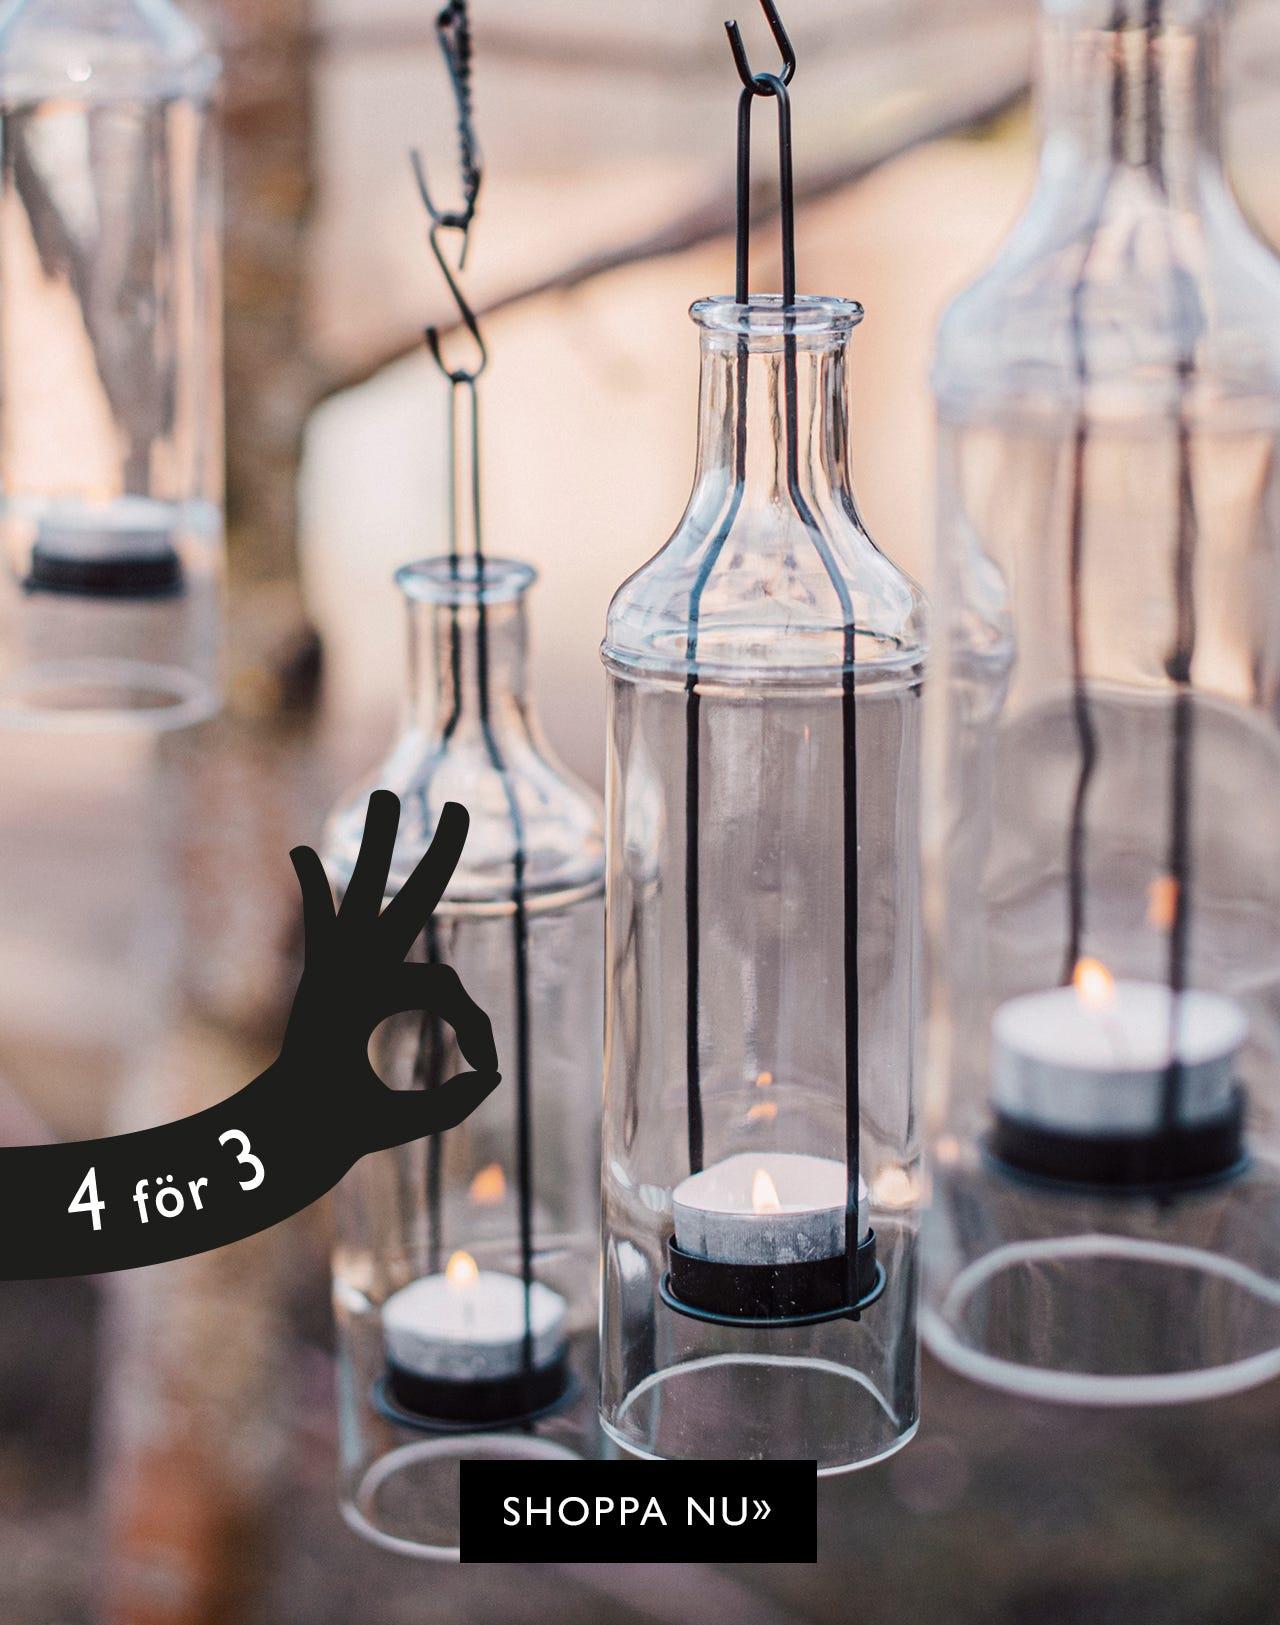 Community-erbjudande: Köp 4 hänglyktor betala för 3